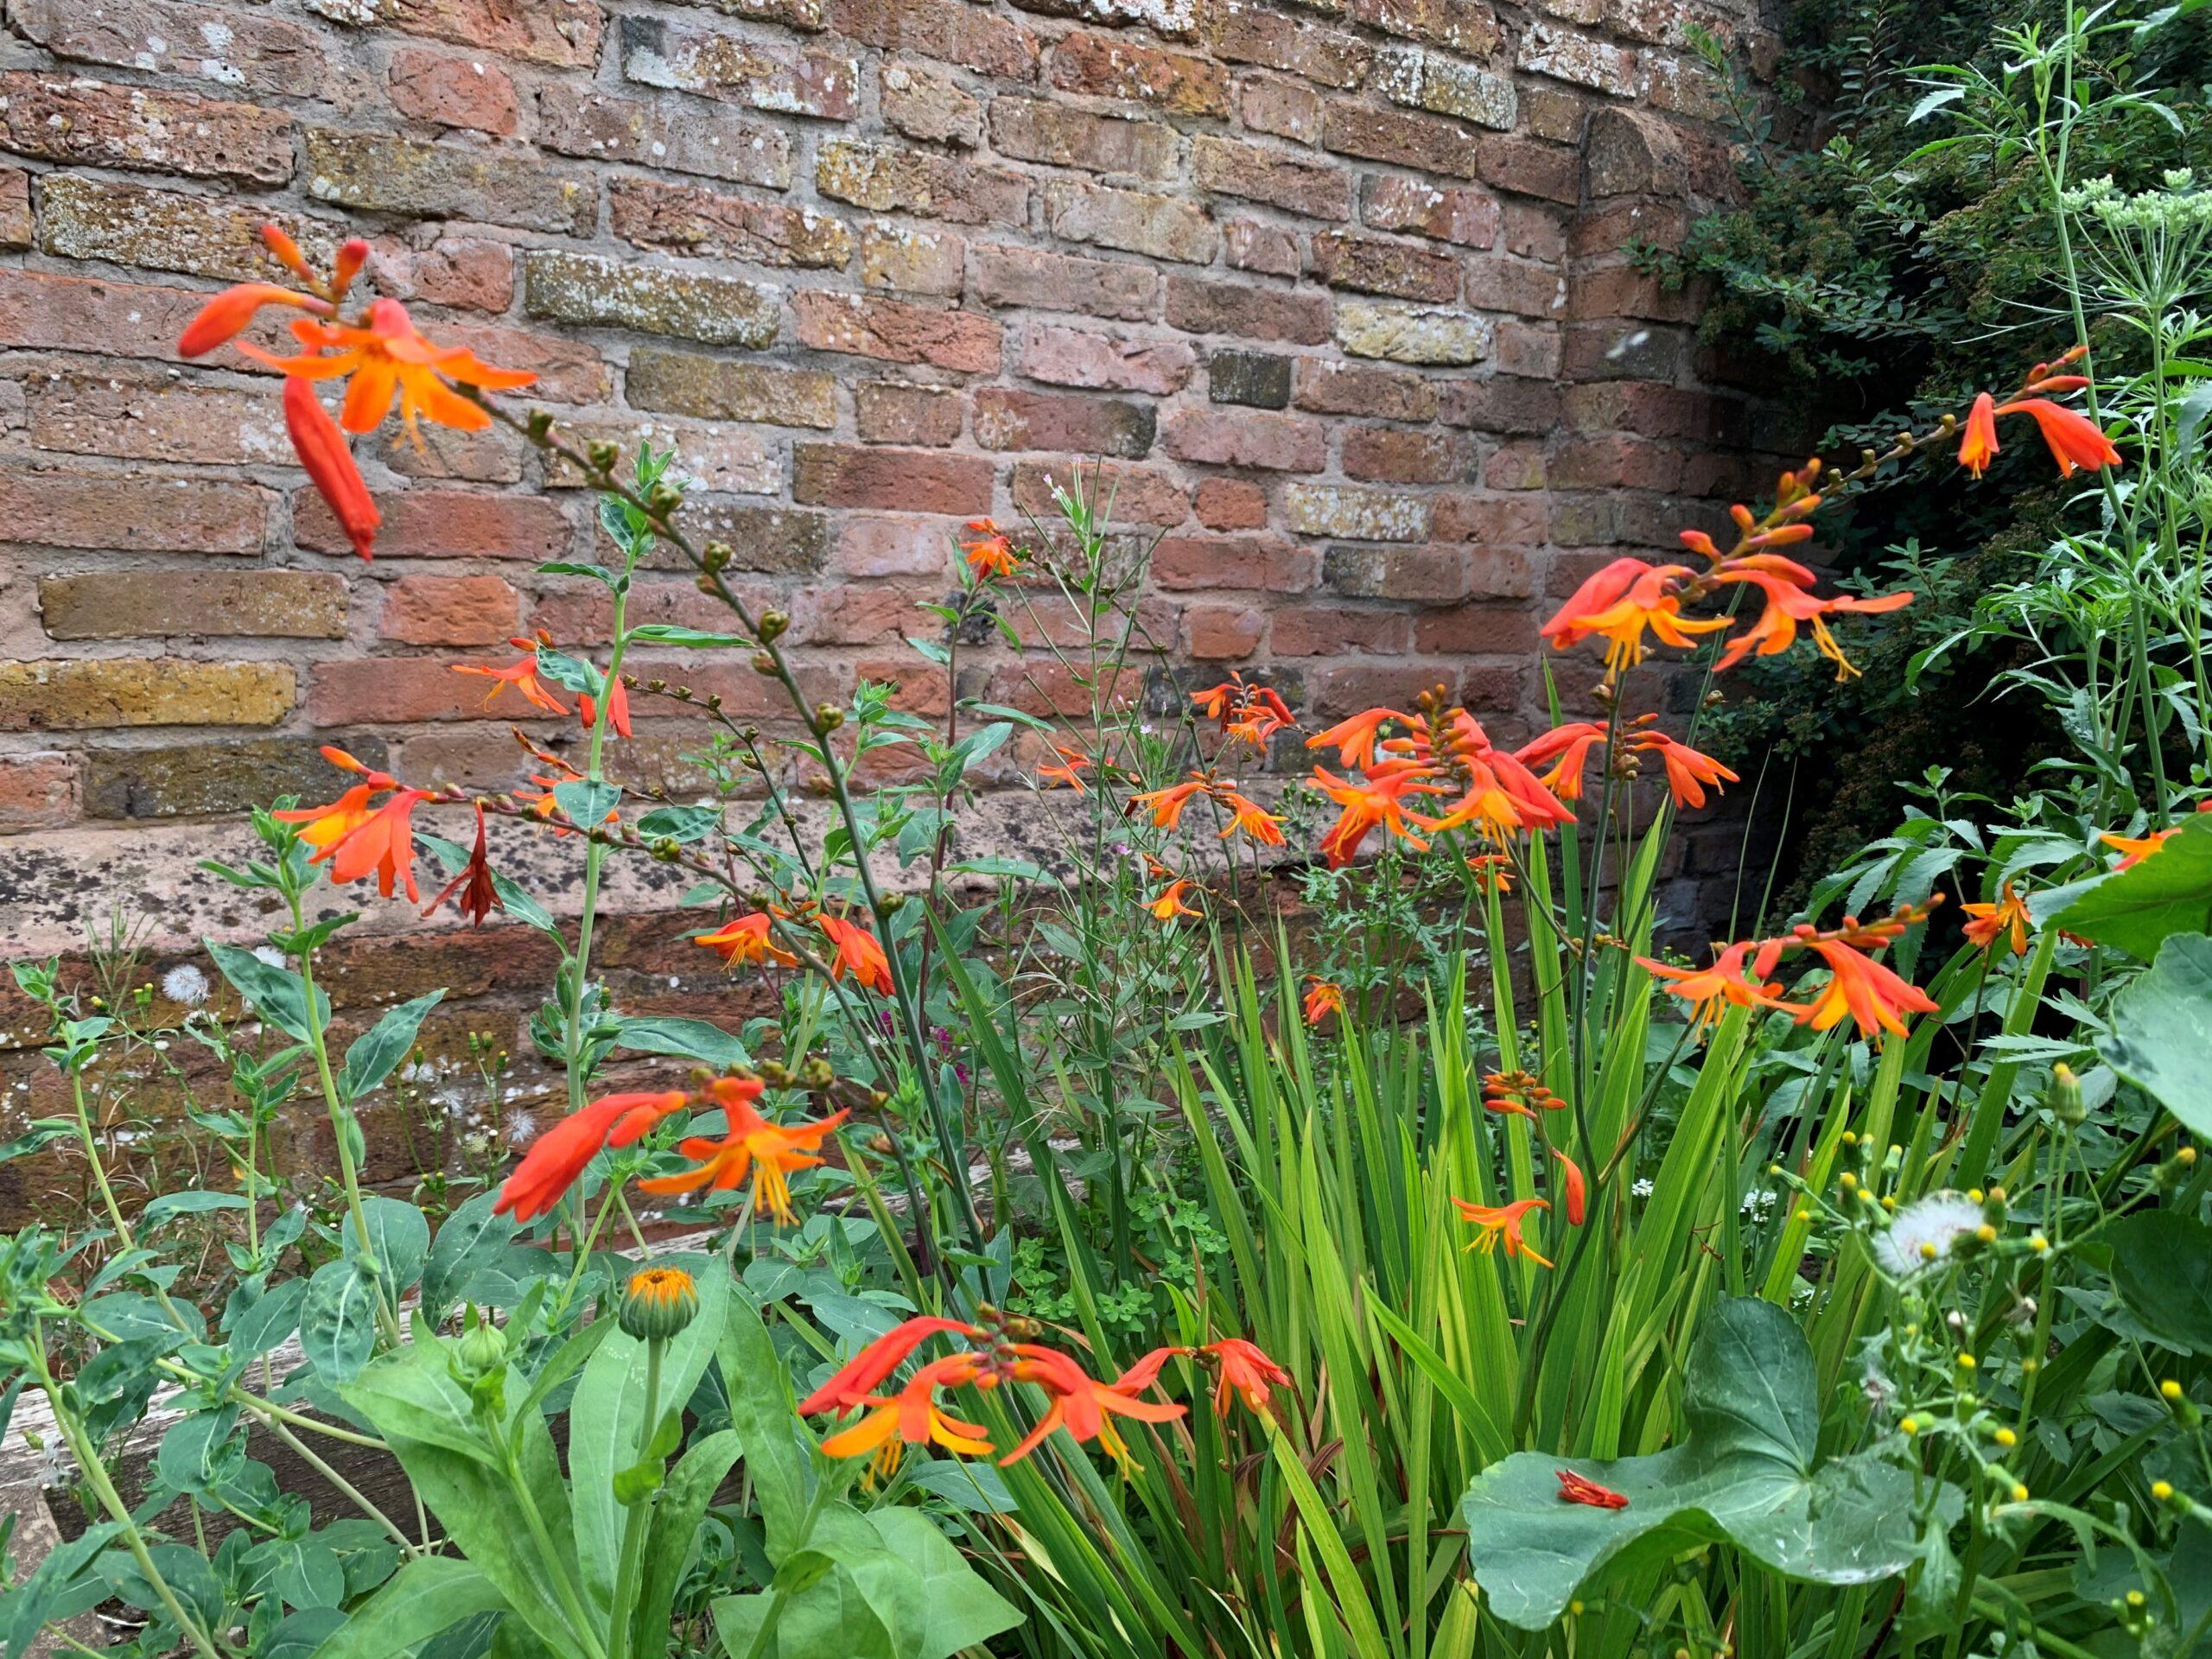 Volunteer Ollie's wildflower garden at Reach Southwell